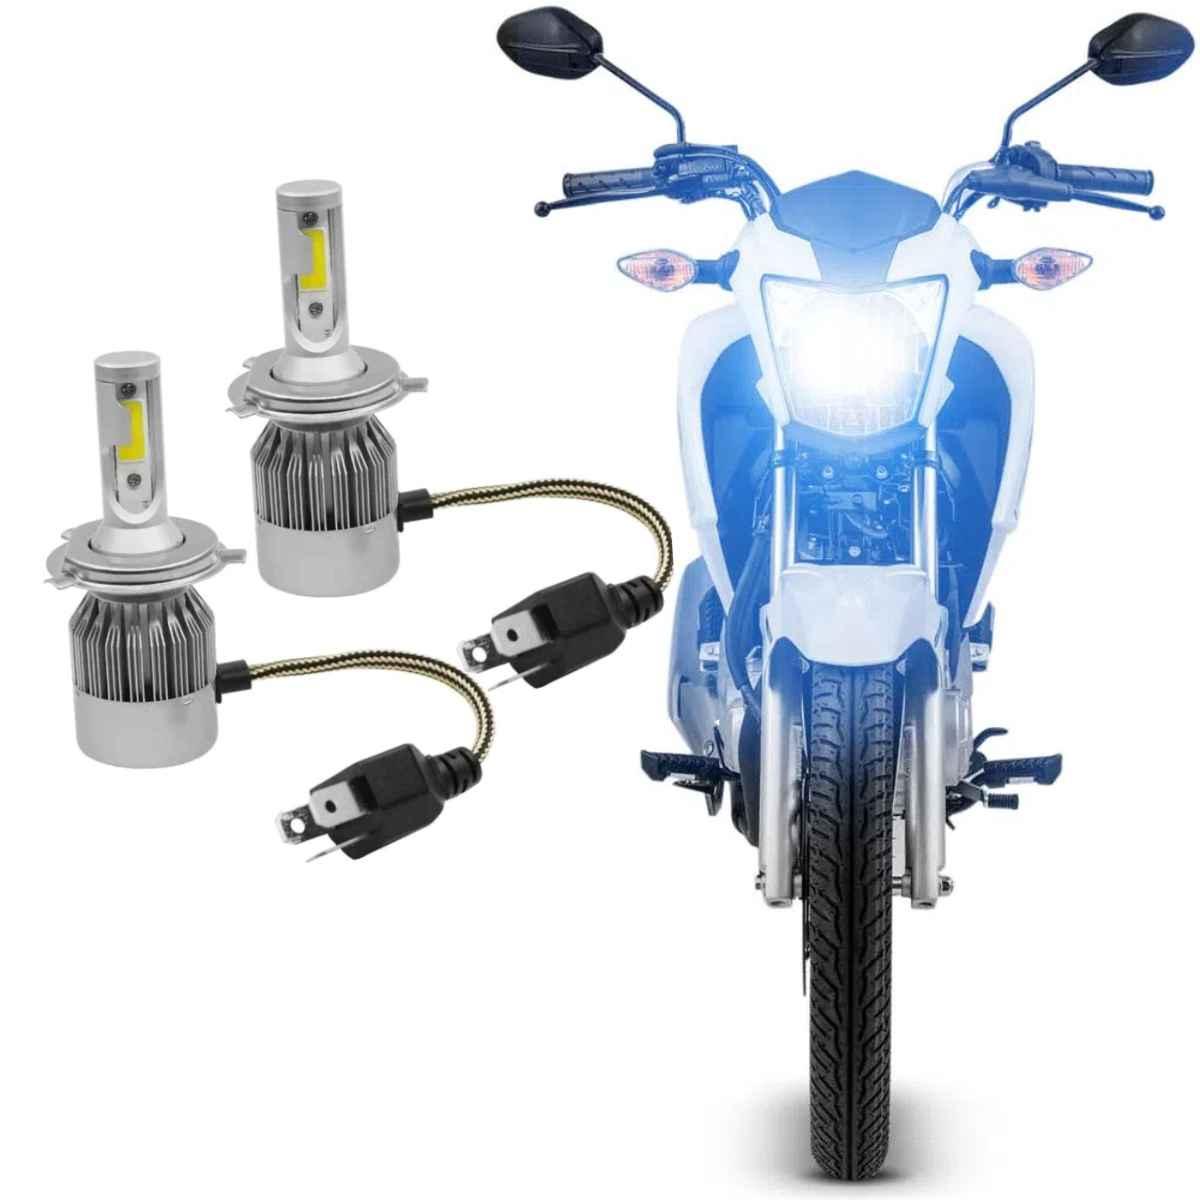 PAR LAMPADA DE LED C6 PARA MOTO E CARRO FAROL H4 [40W] 2 LEDs 3600 LUMENS COM REATOR EMBUTIDO